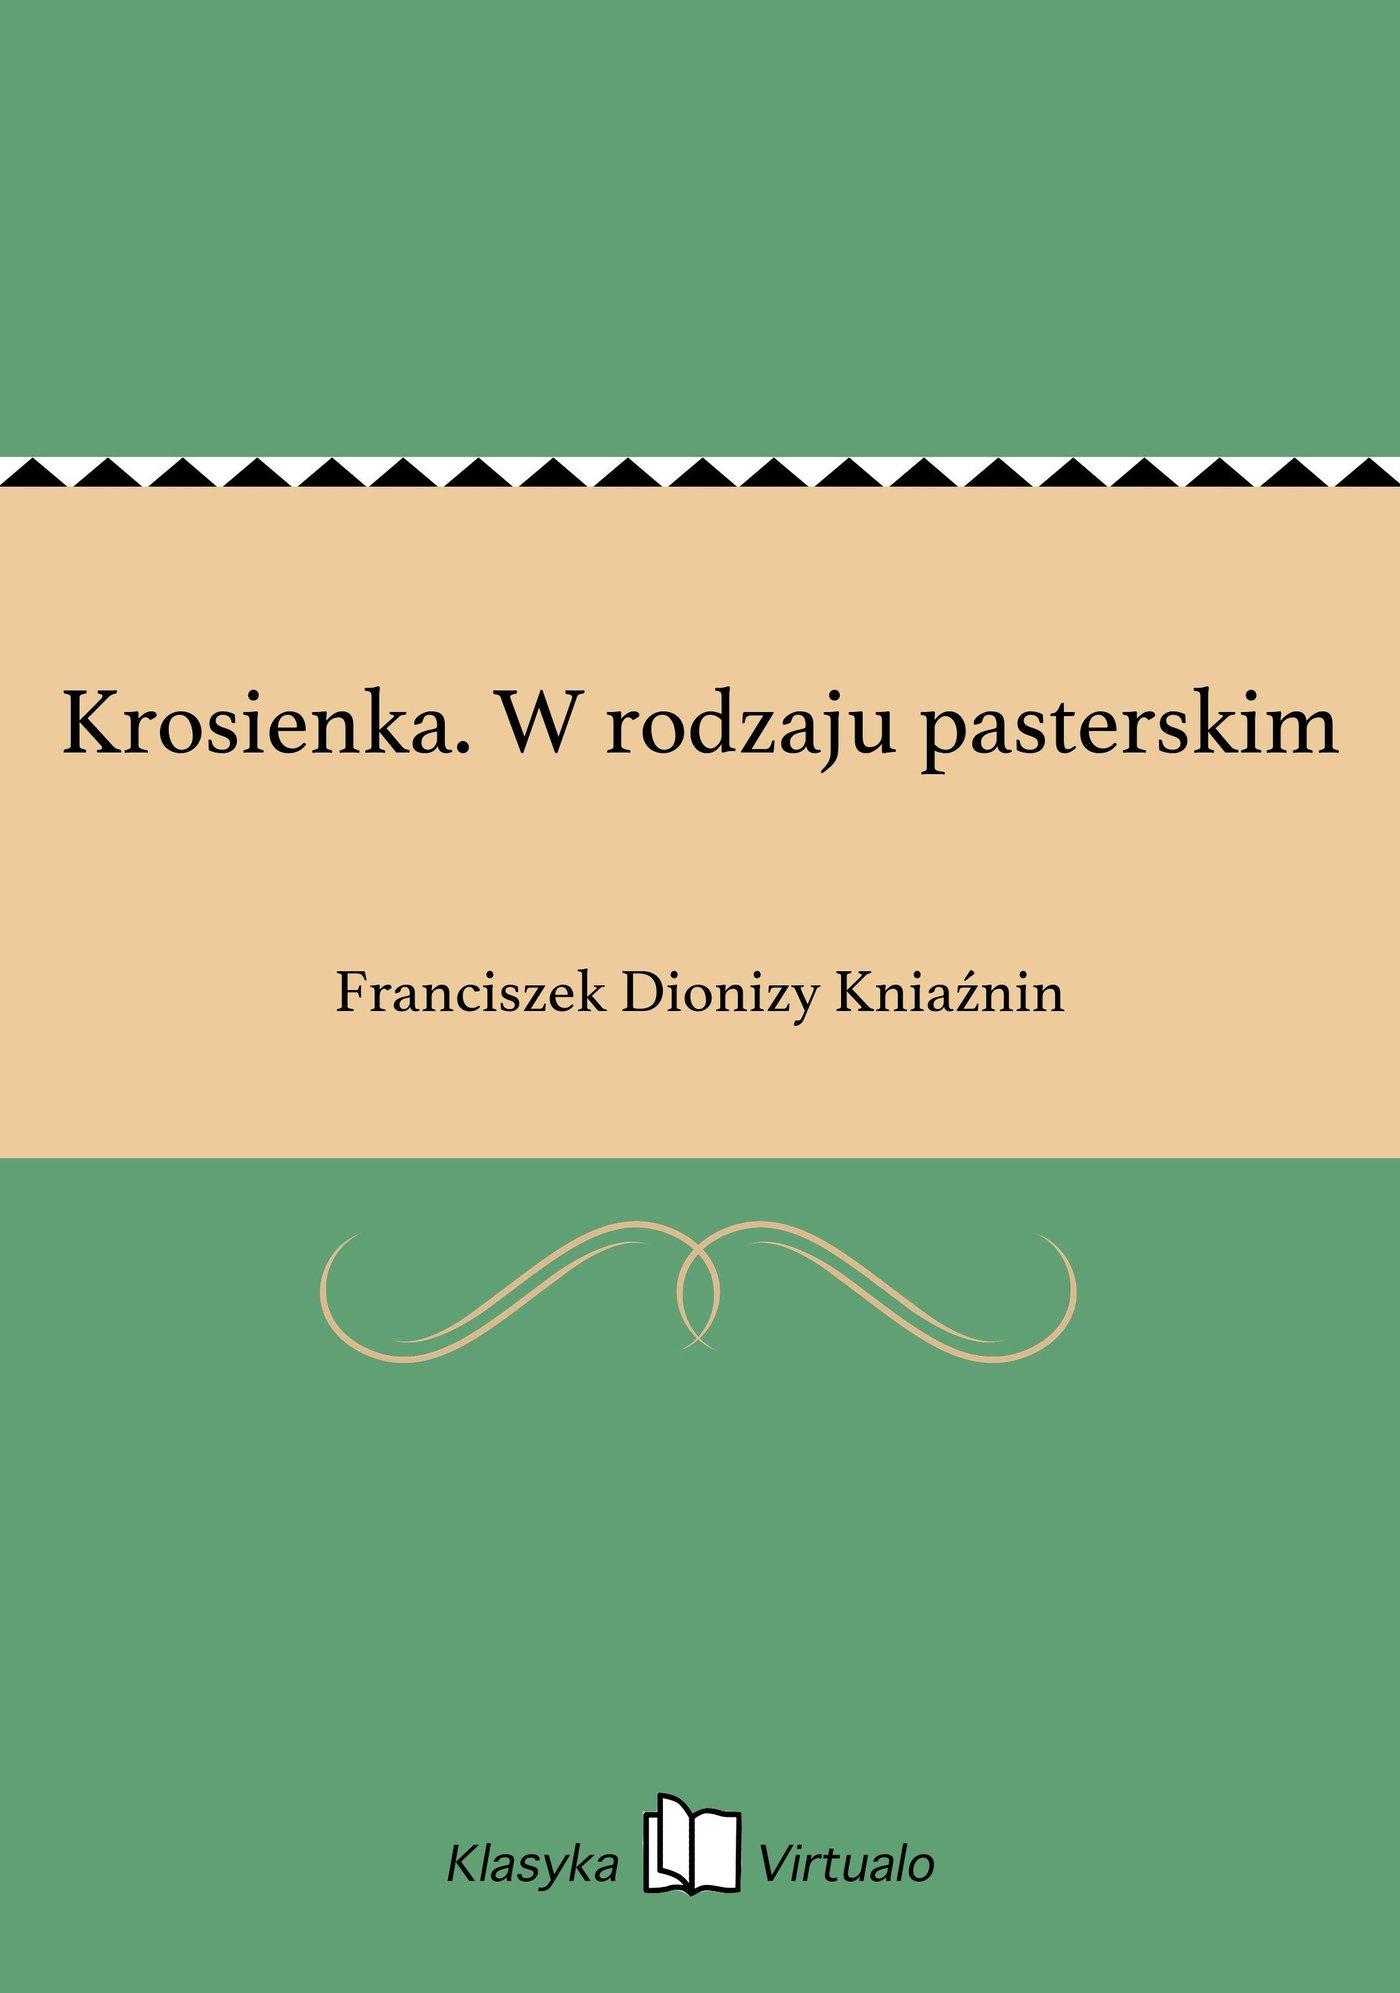 Krosienka. W rodzaju pasterskim - Ebook (Książka na Kindle) do pobrania w formacie MOBI